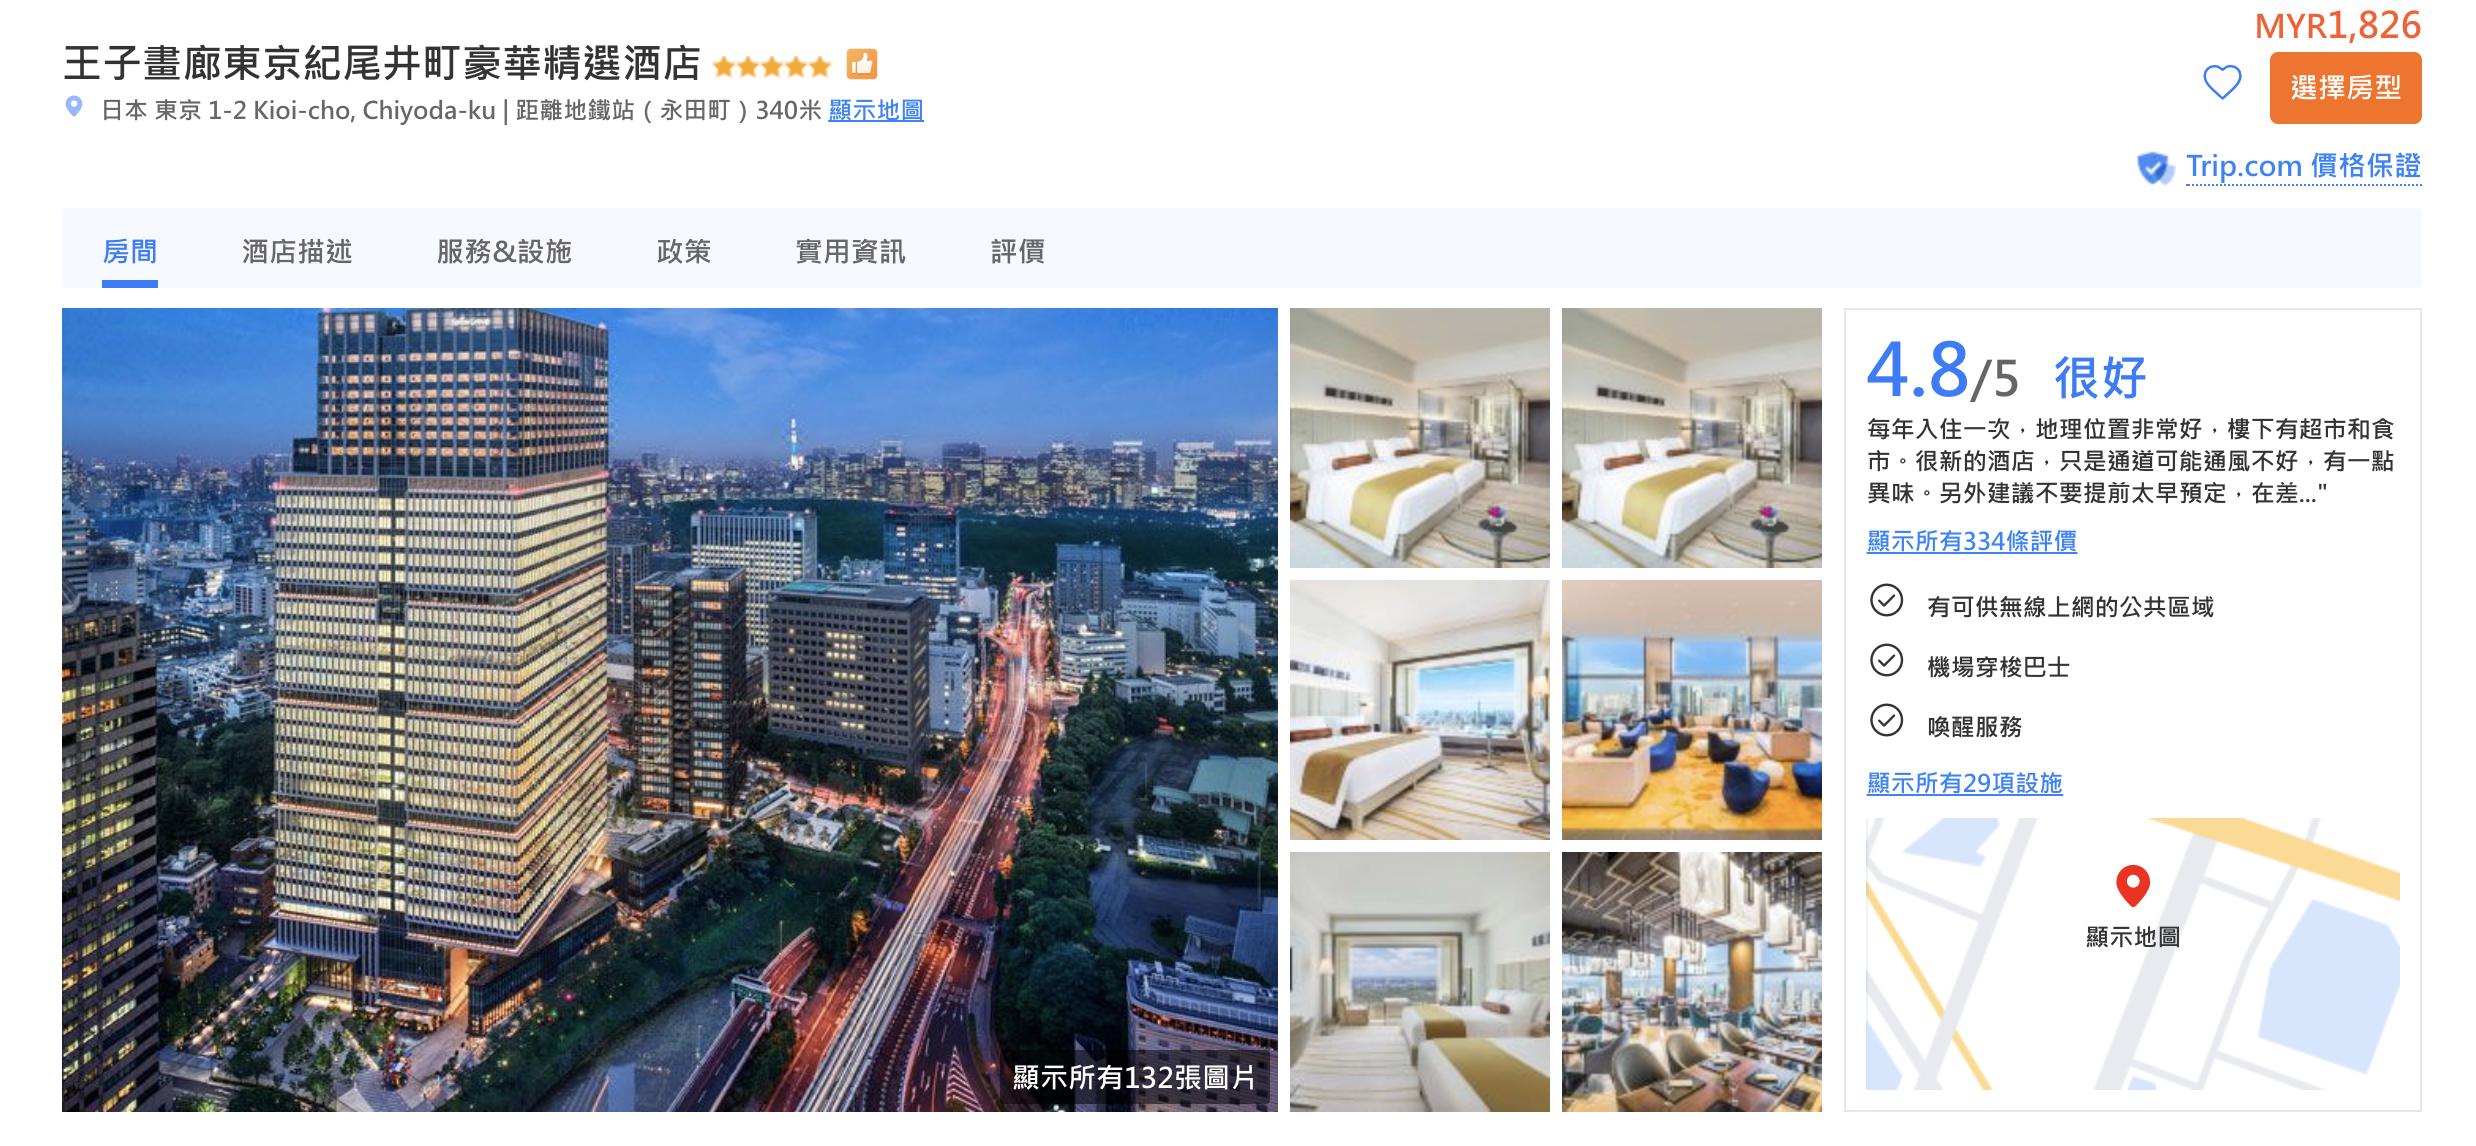 王子畫廊東京紀尾井町豪華精選酒店不僅地理位置極佳,無論環境還是工作人員服務態度都廣受好評